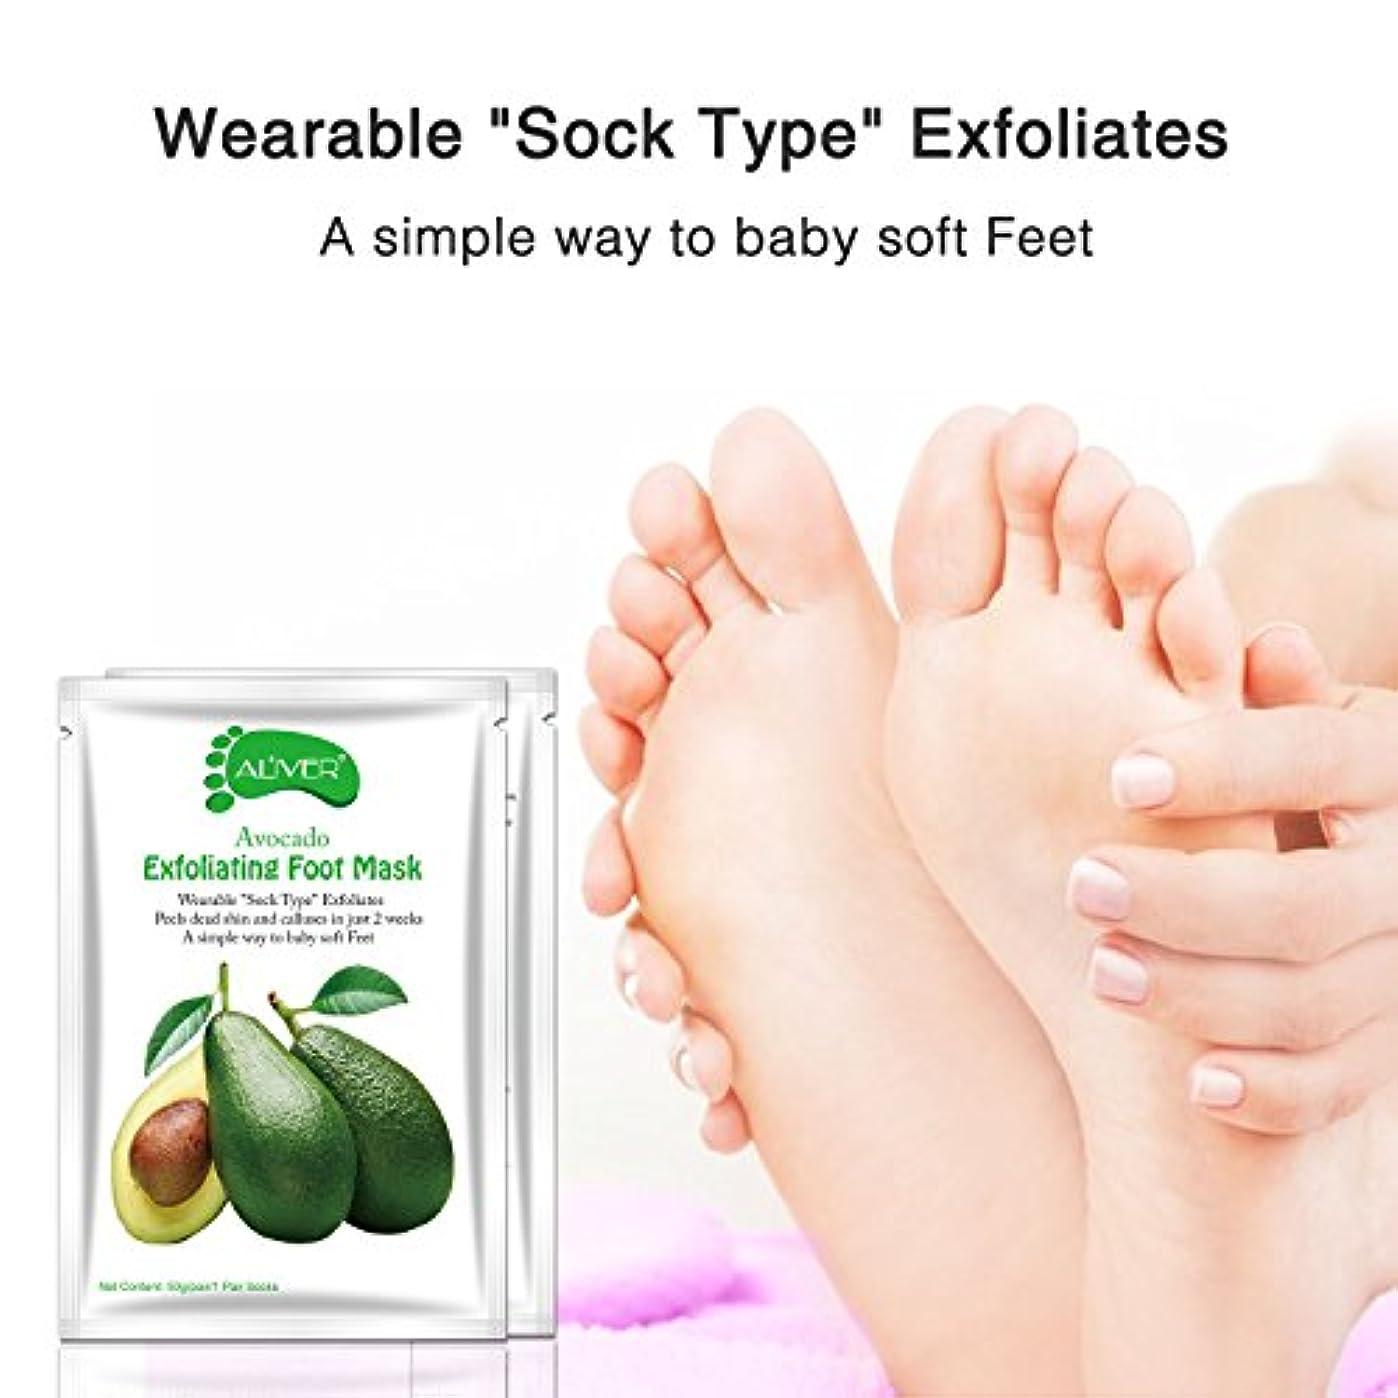 優先権バルク拍手する(5袋セット)Aliver足膜古い繭の死皮や角質を除去するために、1週間以内に柔らかい感触を得て、つるっとした足、ざらざらした足を修復します。男女ともに適用する。6種類の選択-パパイヤ足膜、バラ足膜、カモミール足膜、ラベンダー...